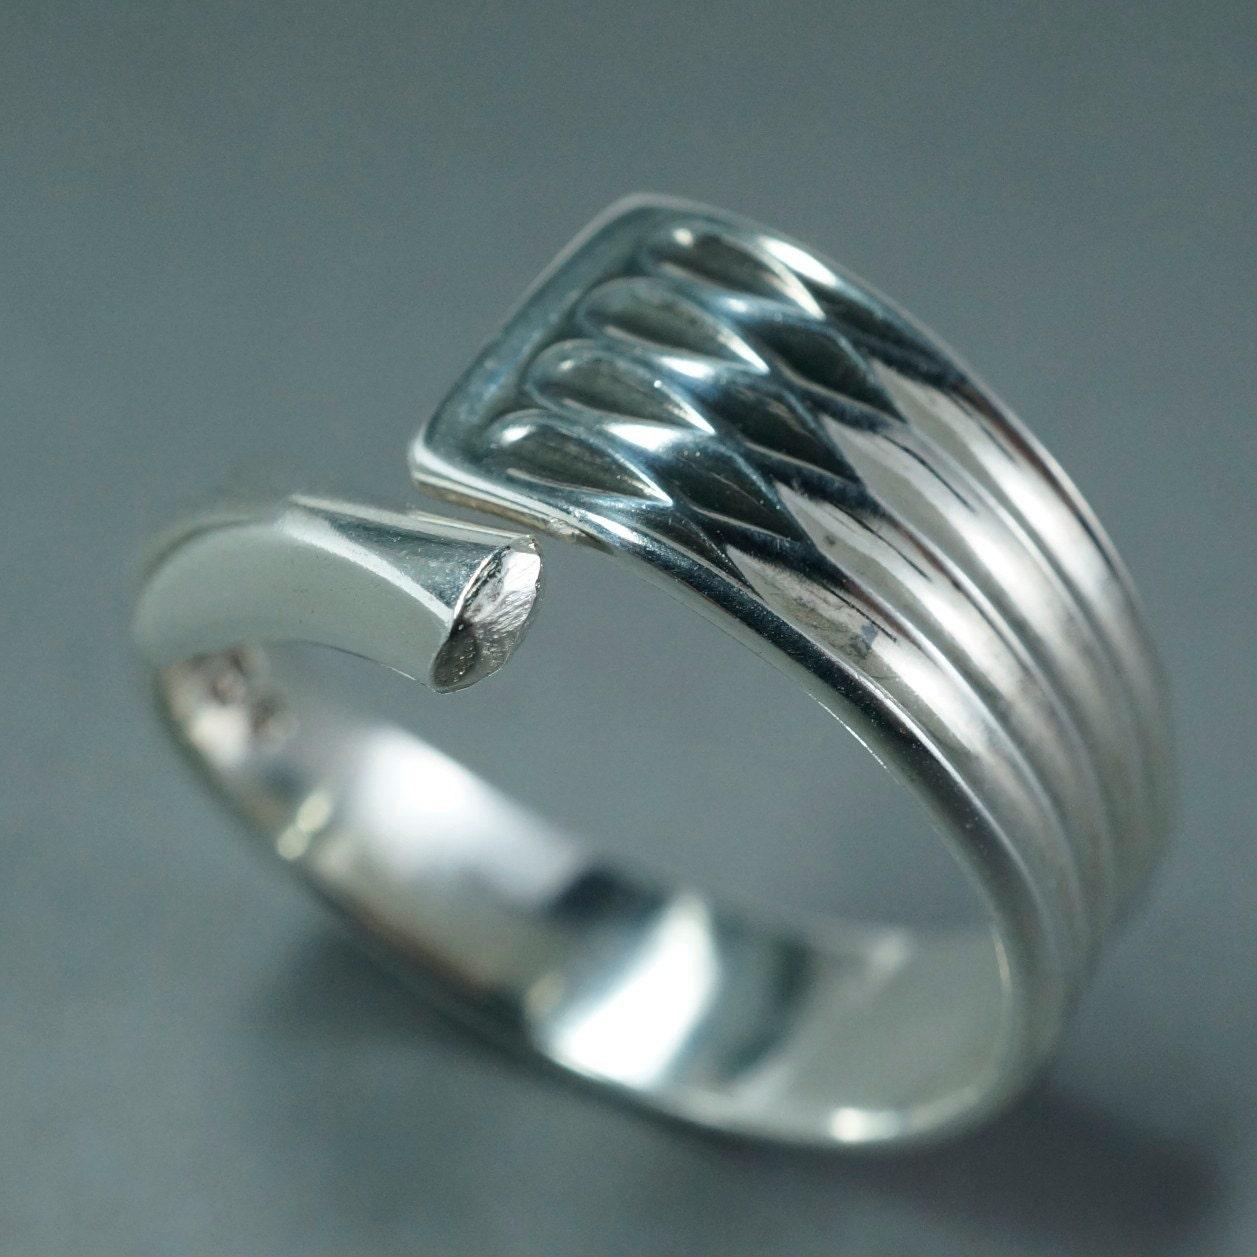 spoon jewellery silver spoon ring sterling silver spoon